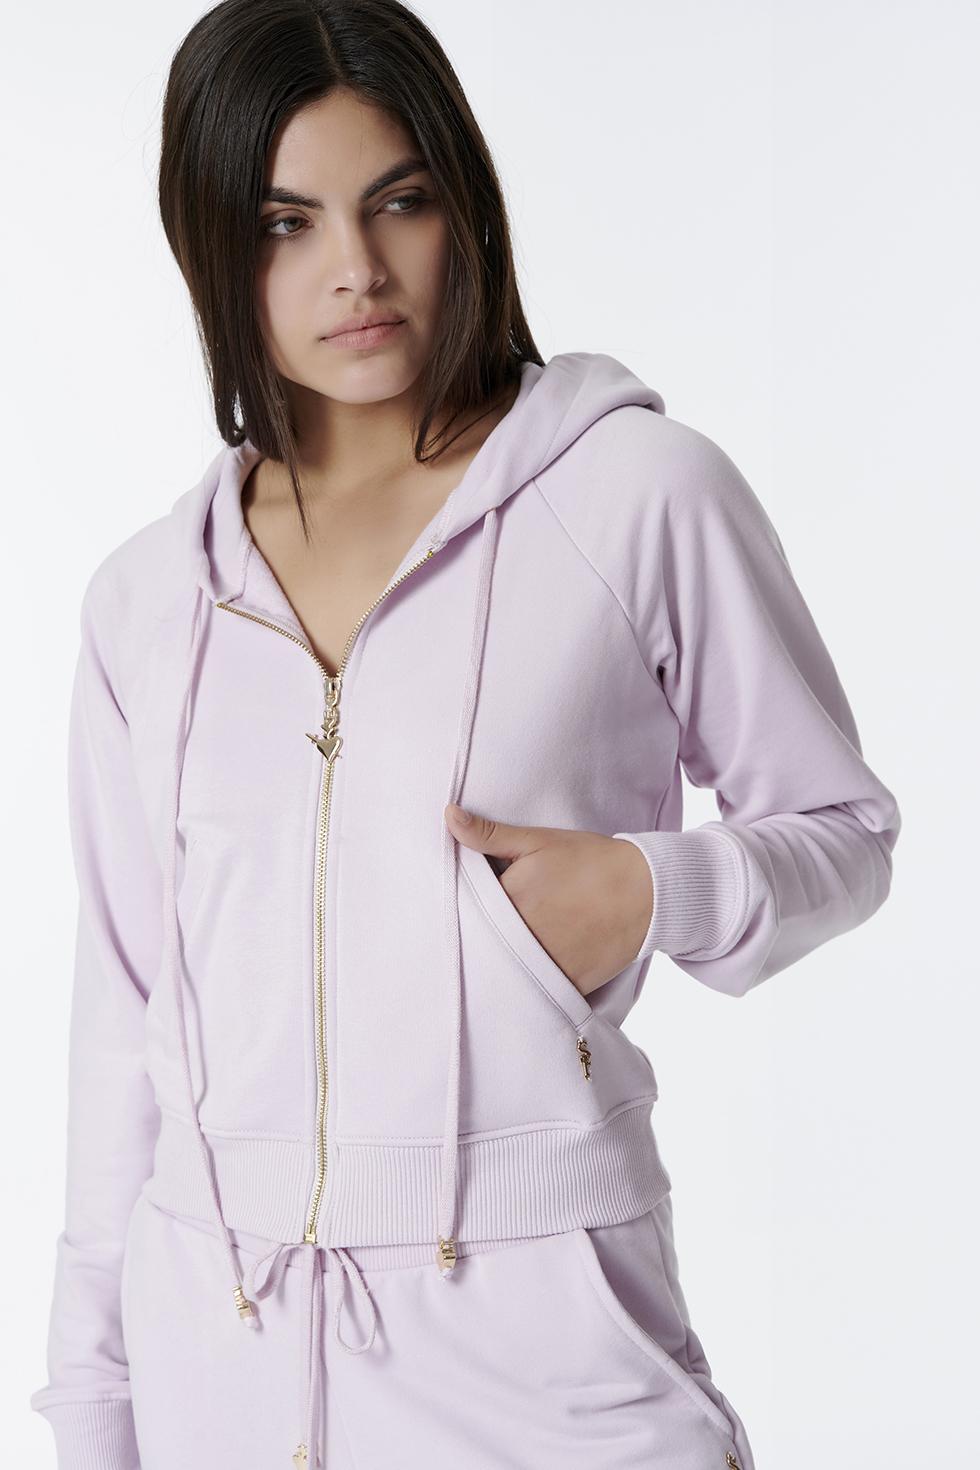 6f60486b9fb Γυναικείες Αθλητικές Φόρμες χρώματος ΡΟΖ | Outfit.gr